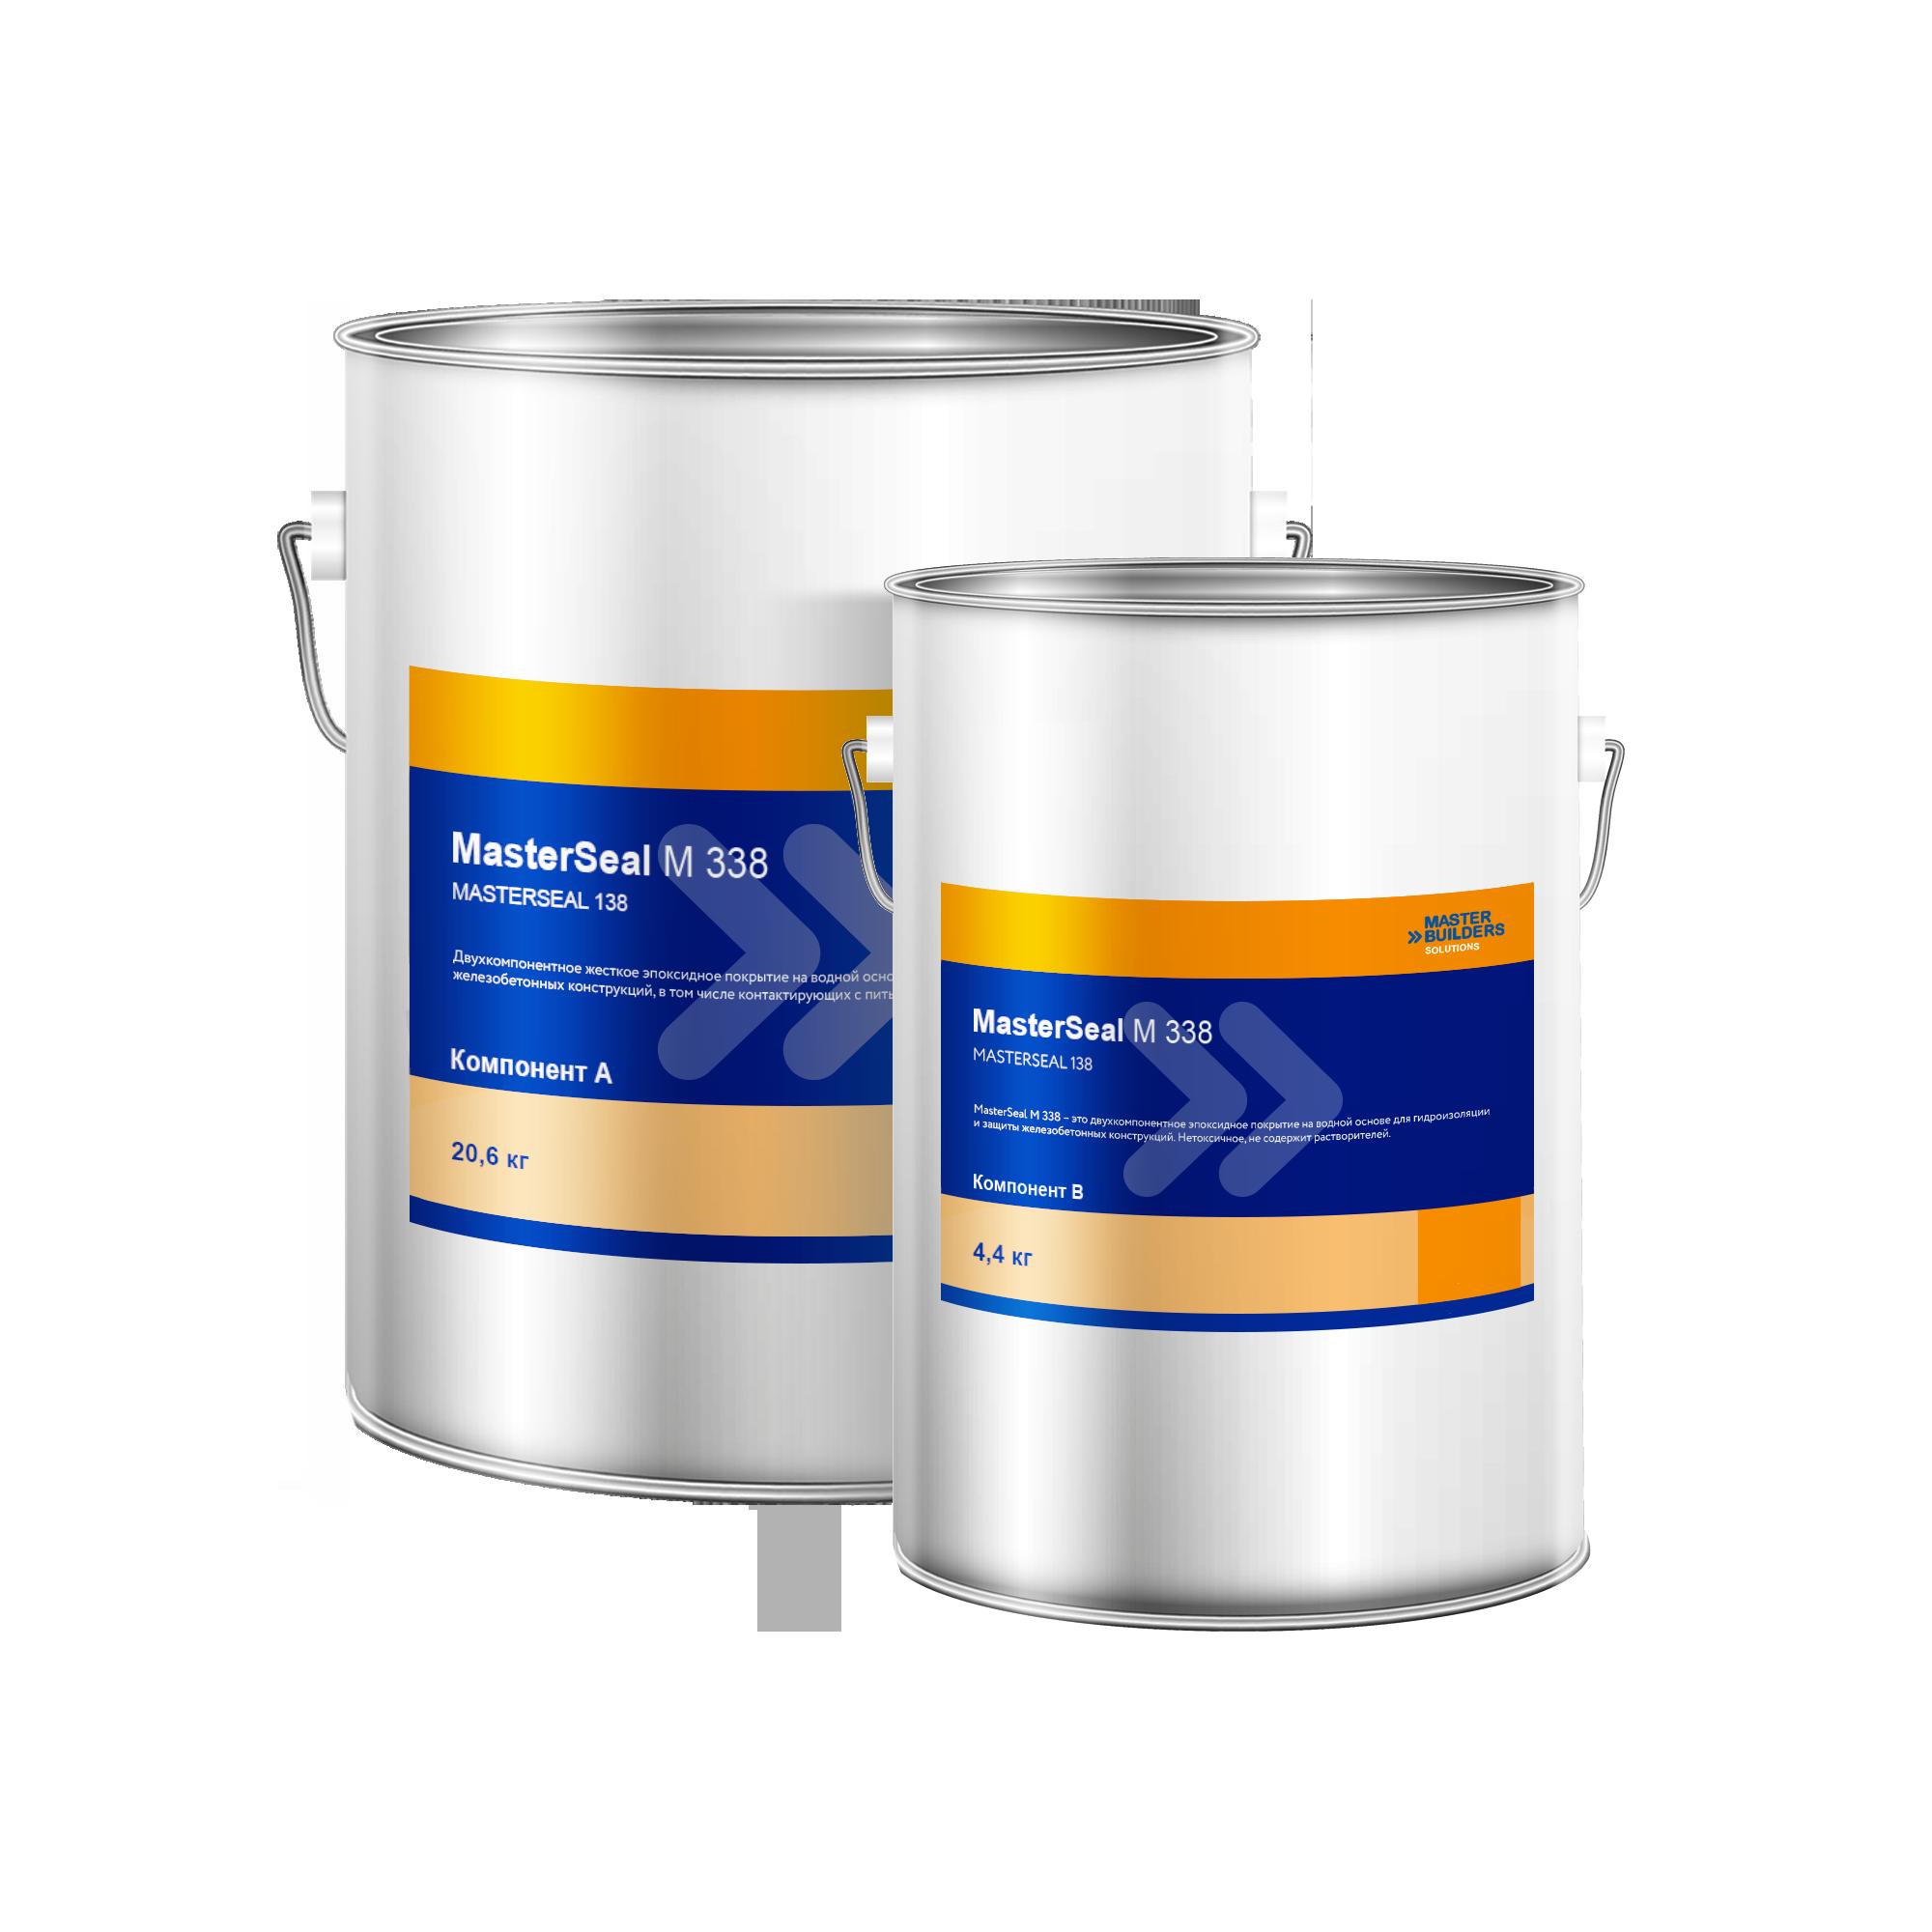 Купить в москве гидроизоляцию для бетона марка бетона f35